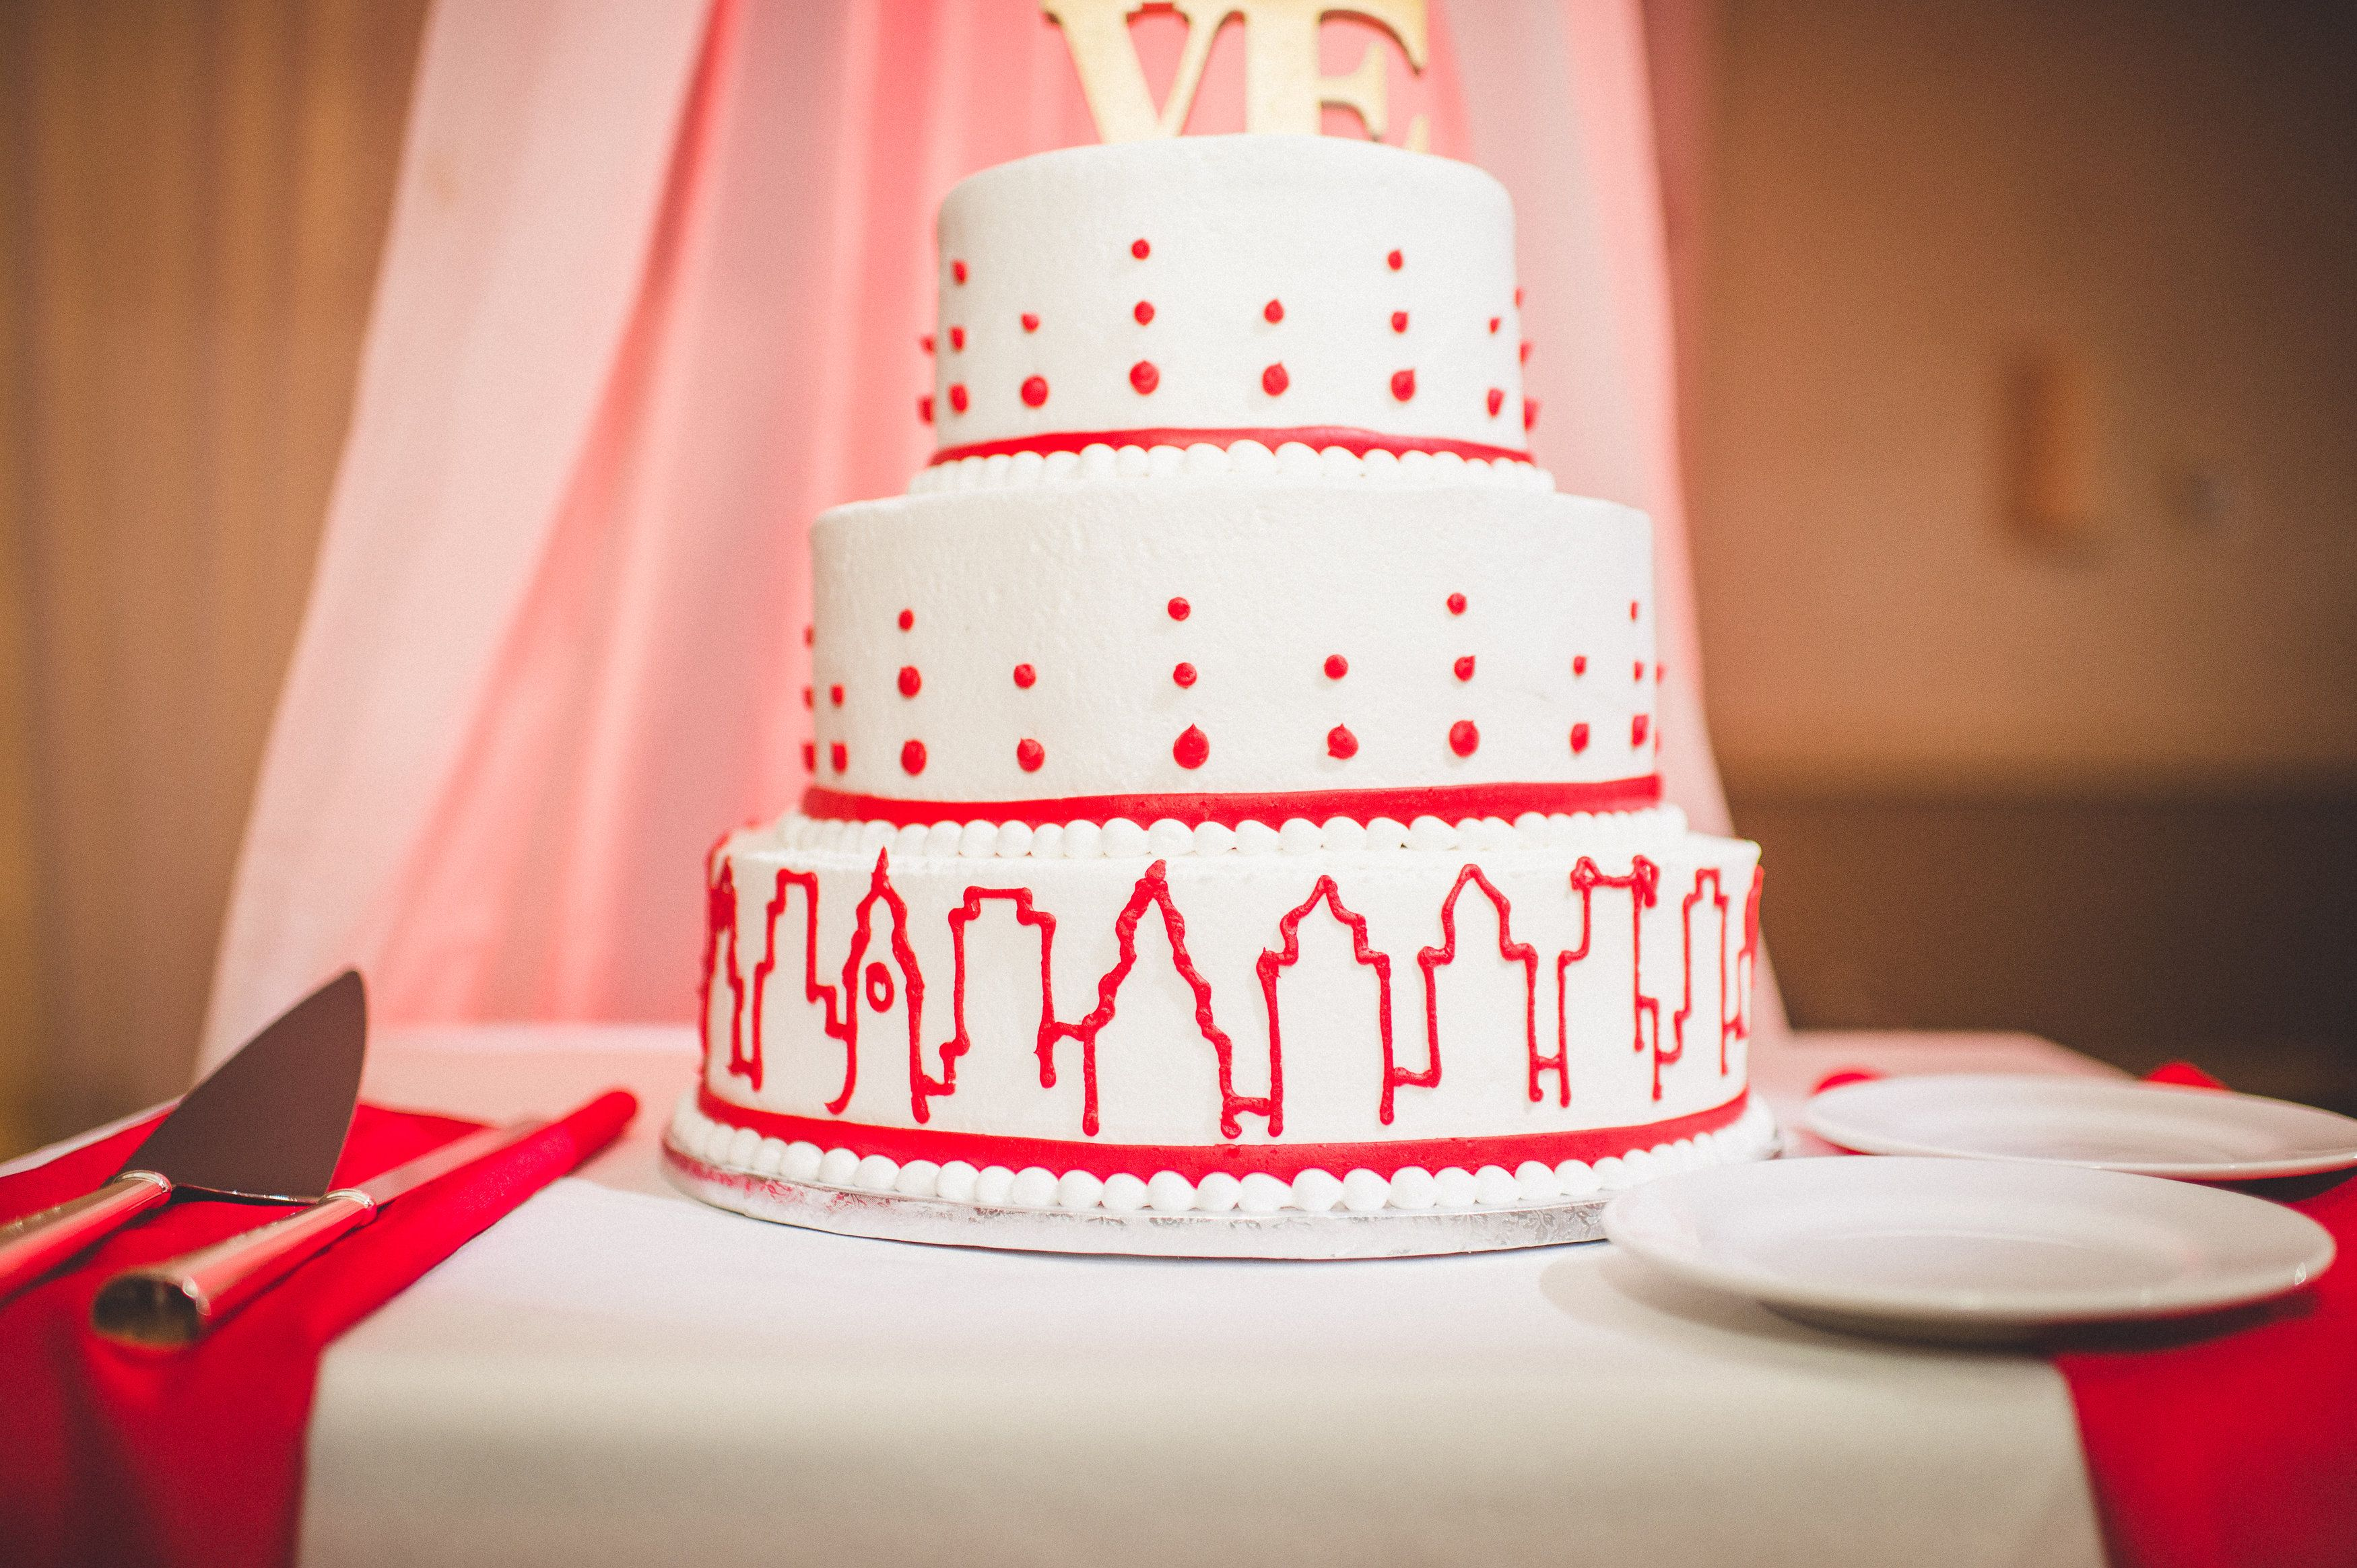 Philadelphia inspired wedding cake. LOVE cake topper and center city ...